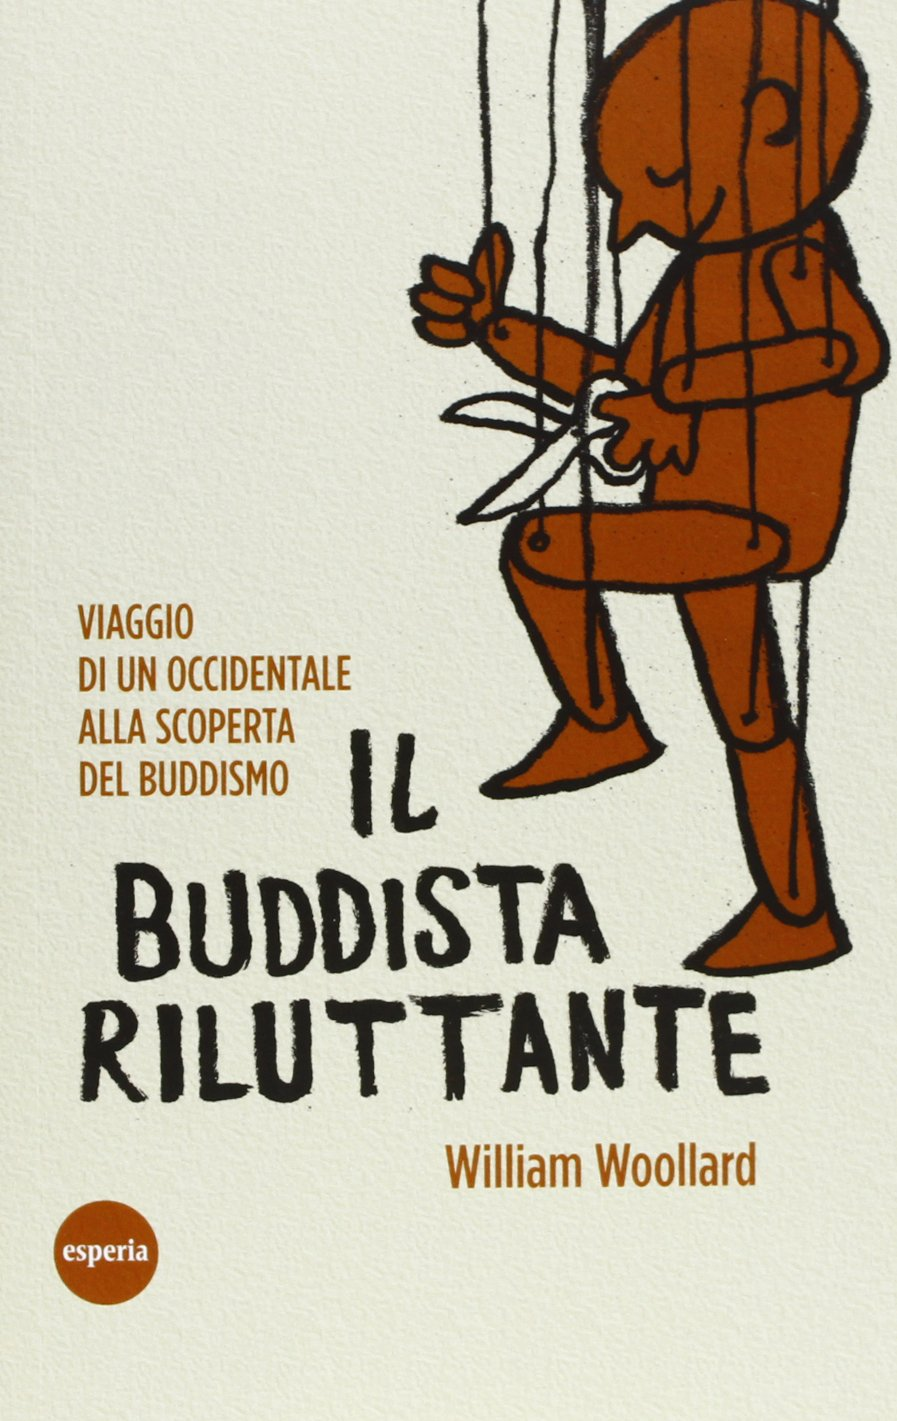 Il buddista riluttante. Viaggio di un occidentale alla scoperta del buddismo Copertina flessibile – 31 ago 2010 William Woollard A. Trozzi Esperia 8895403444